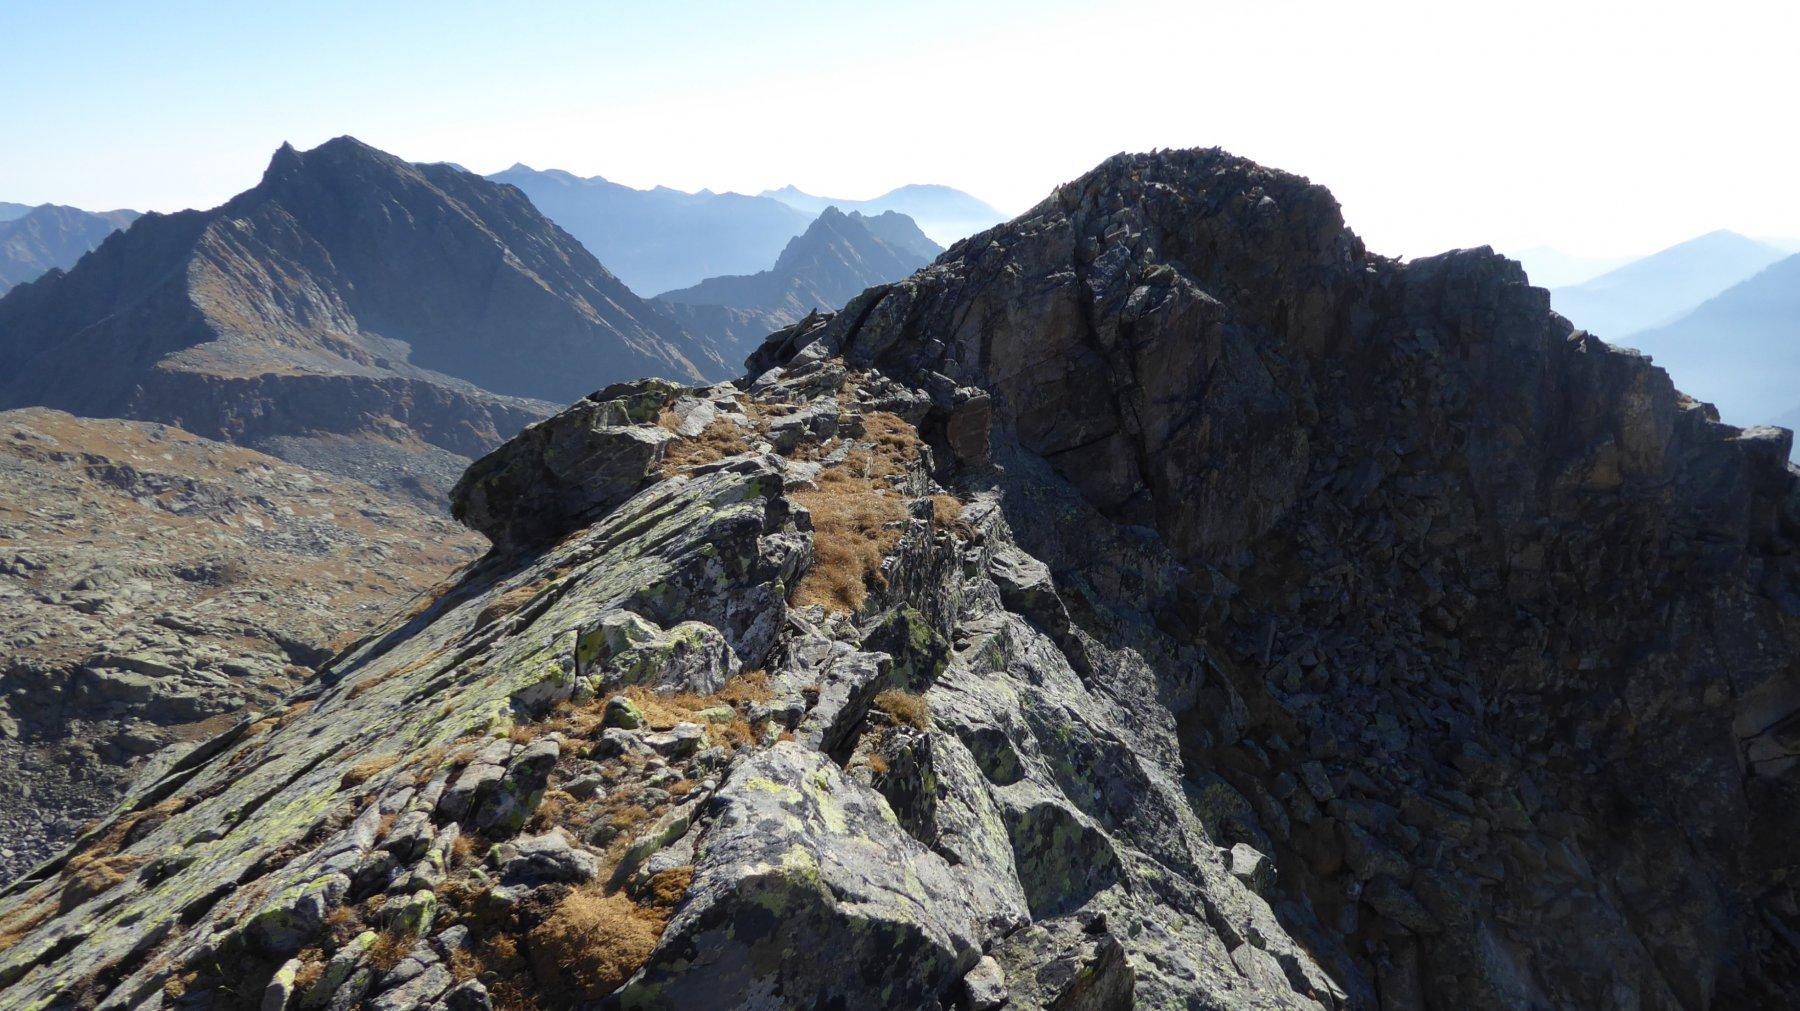 La vetta di quota 2836, vista da nord